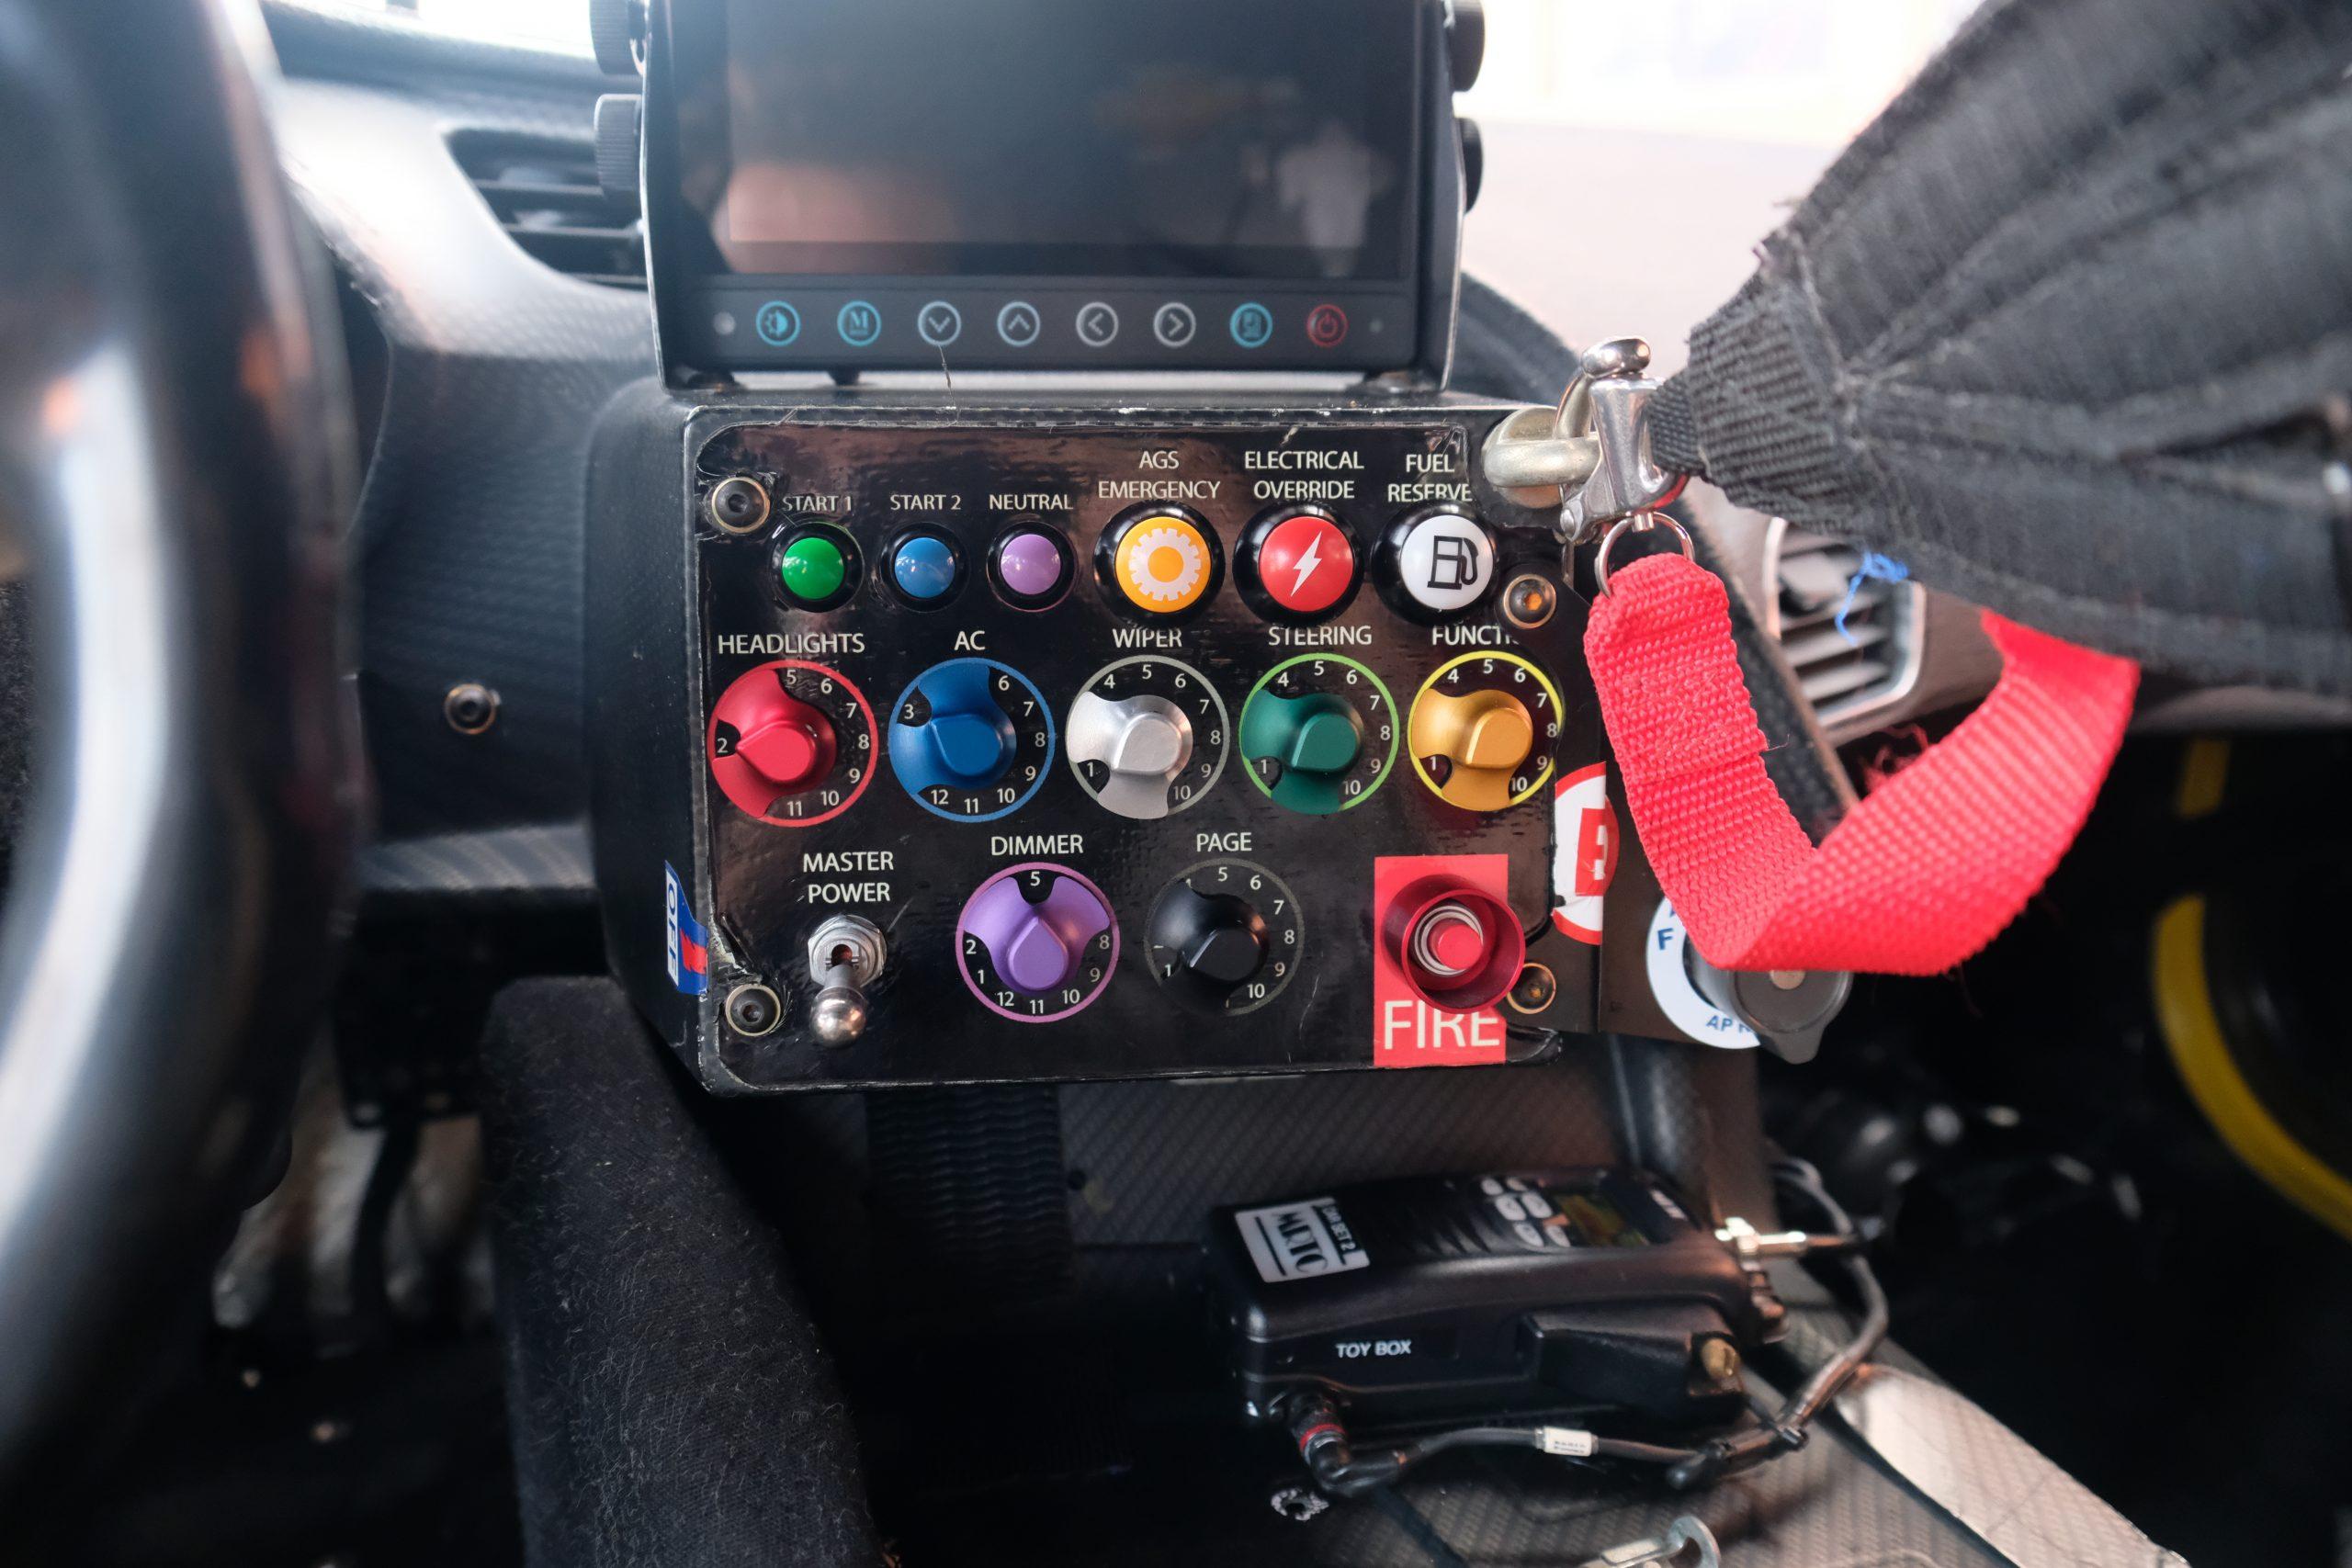 2015 corvette c7.r control panel